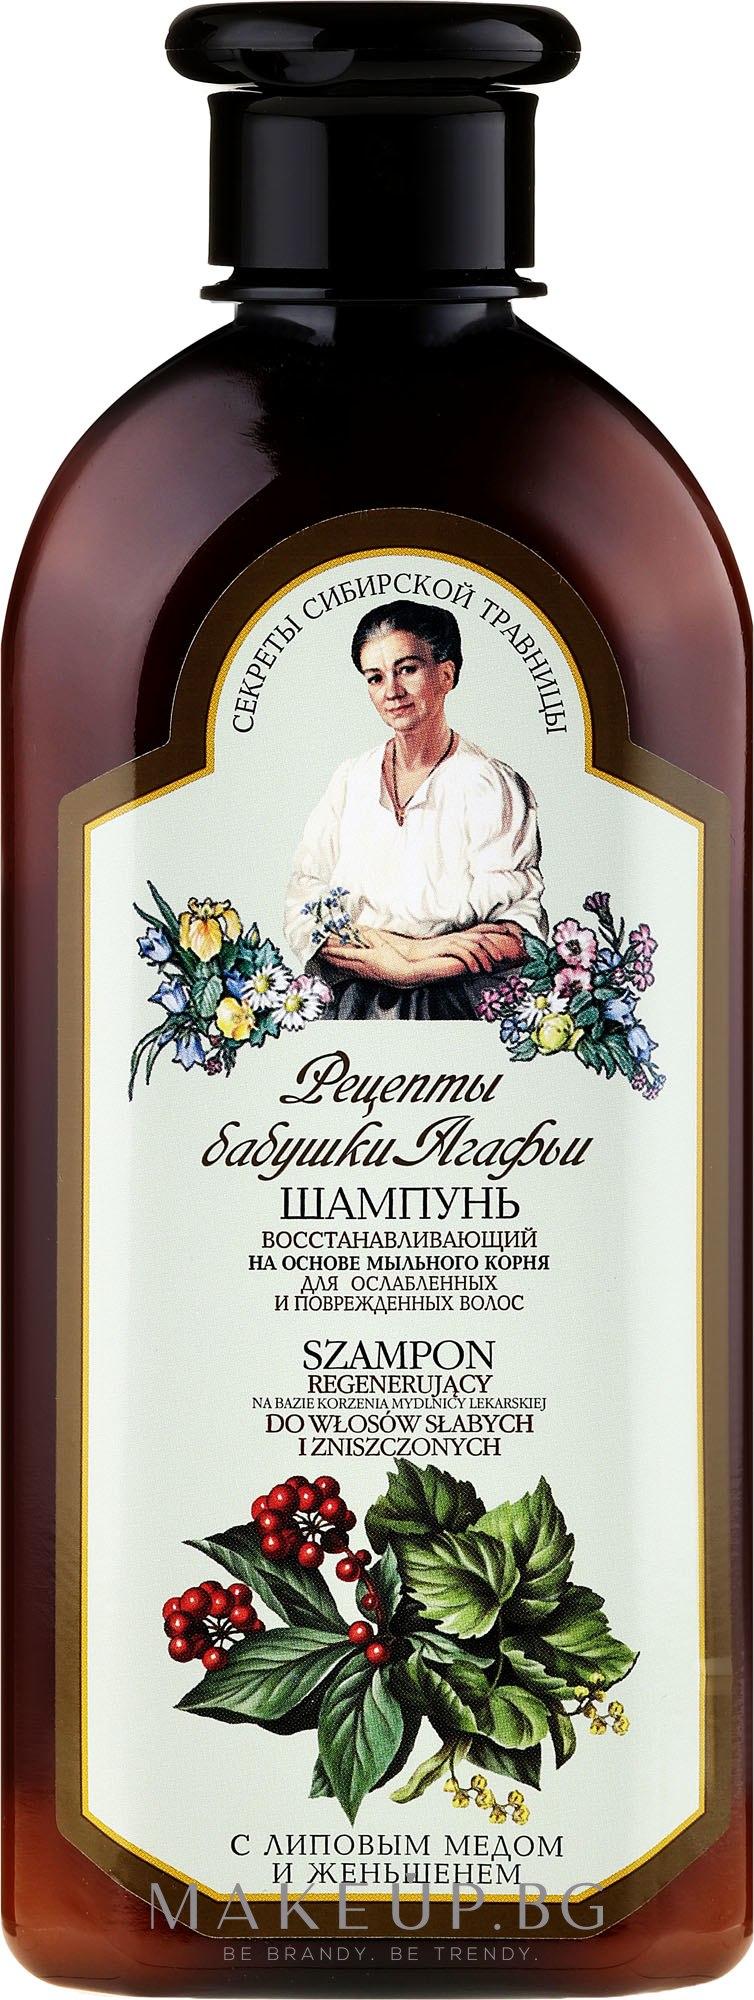 """Шампоан за коса с липов мед и женшен """"Възстановяване"""" - Рецептите на баба Агафия — снимка 350 ml"""